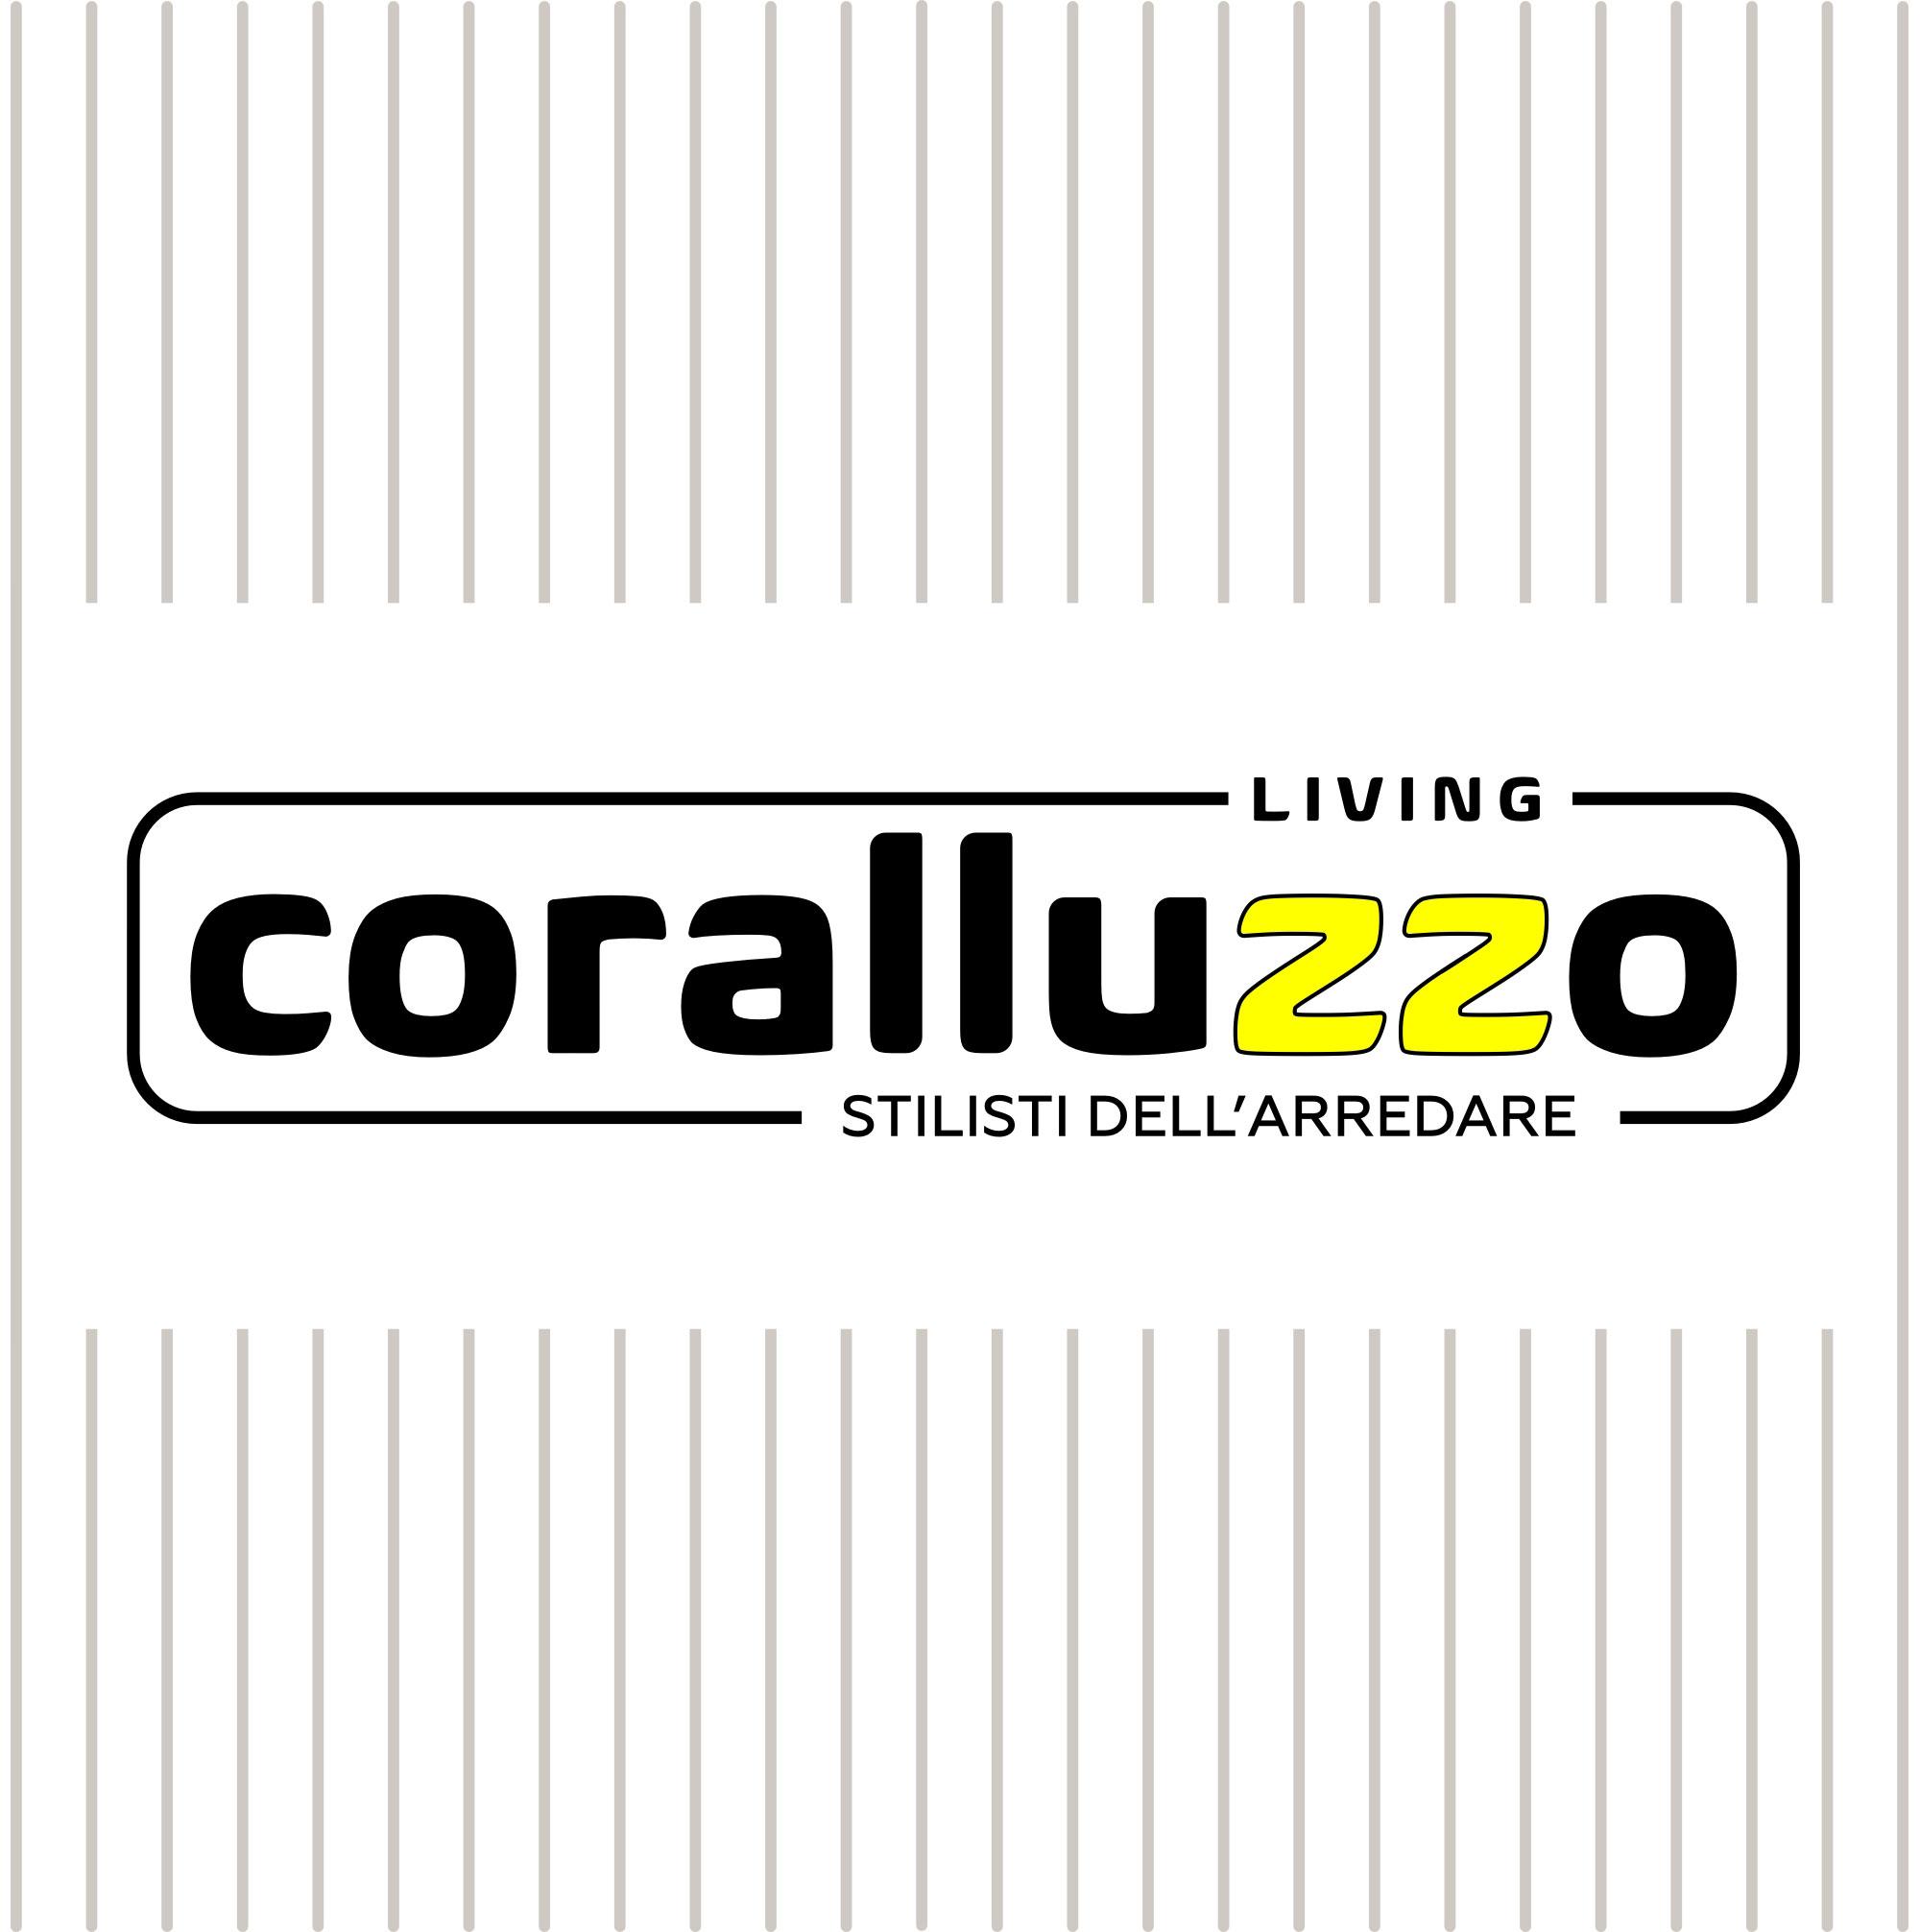 Coralluzzo.jpg